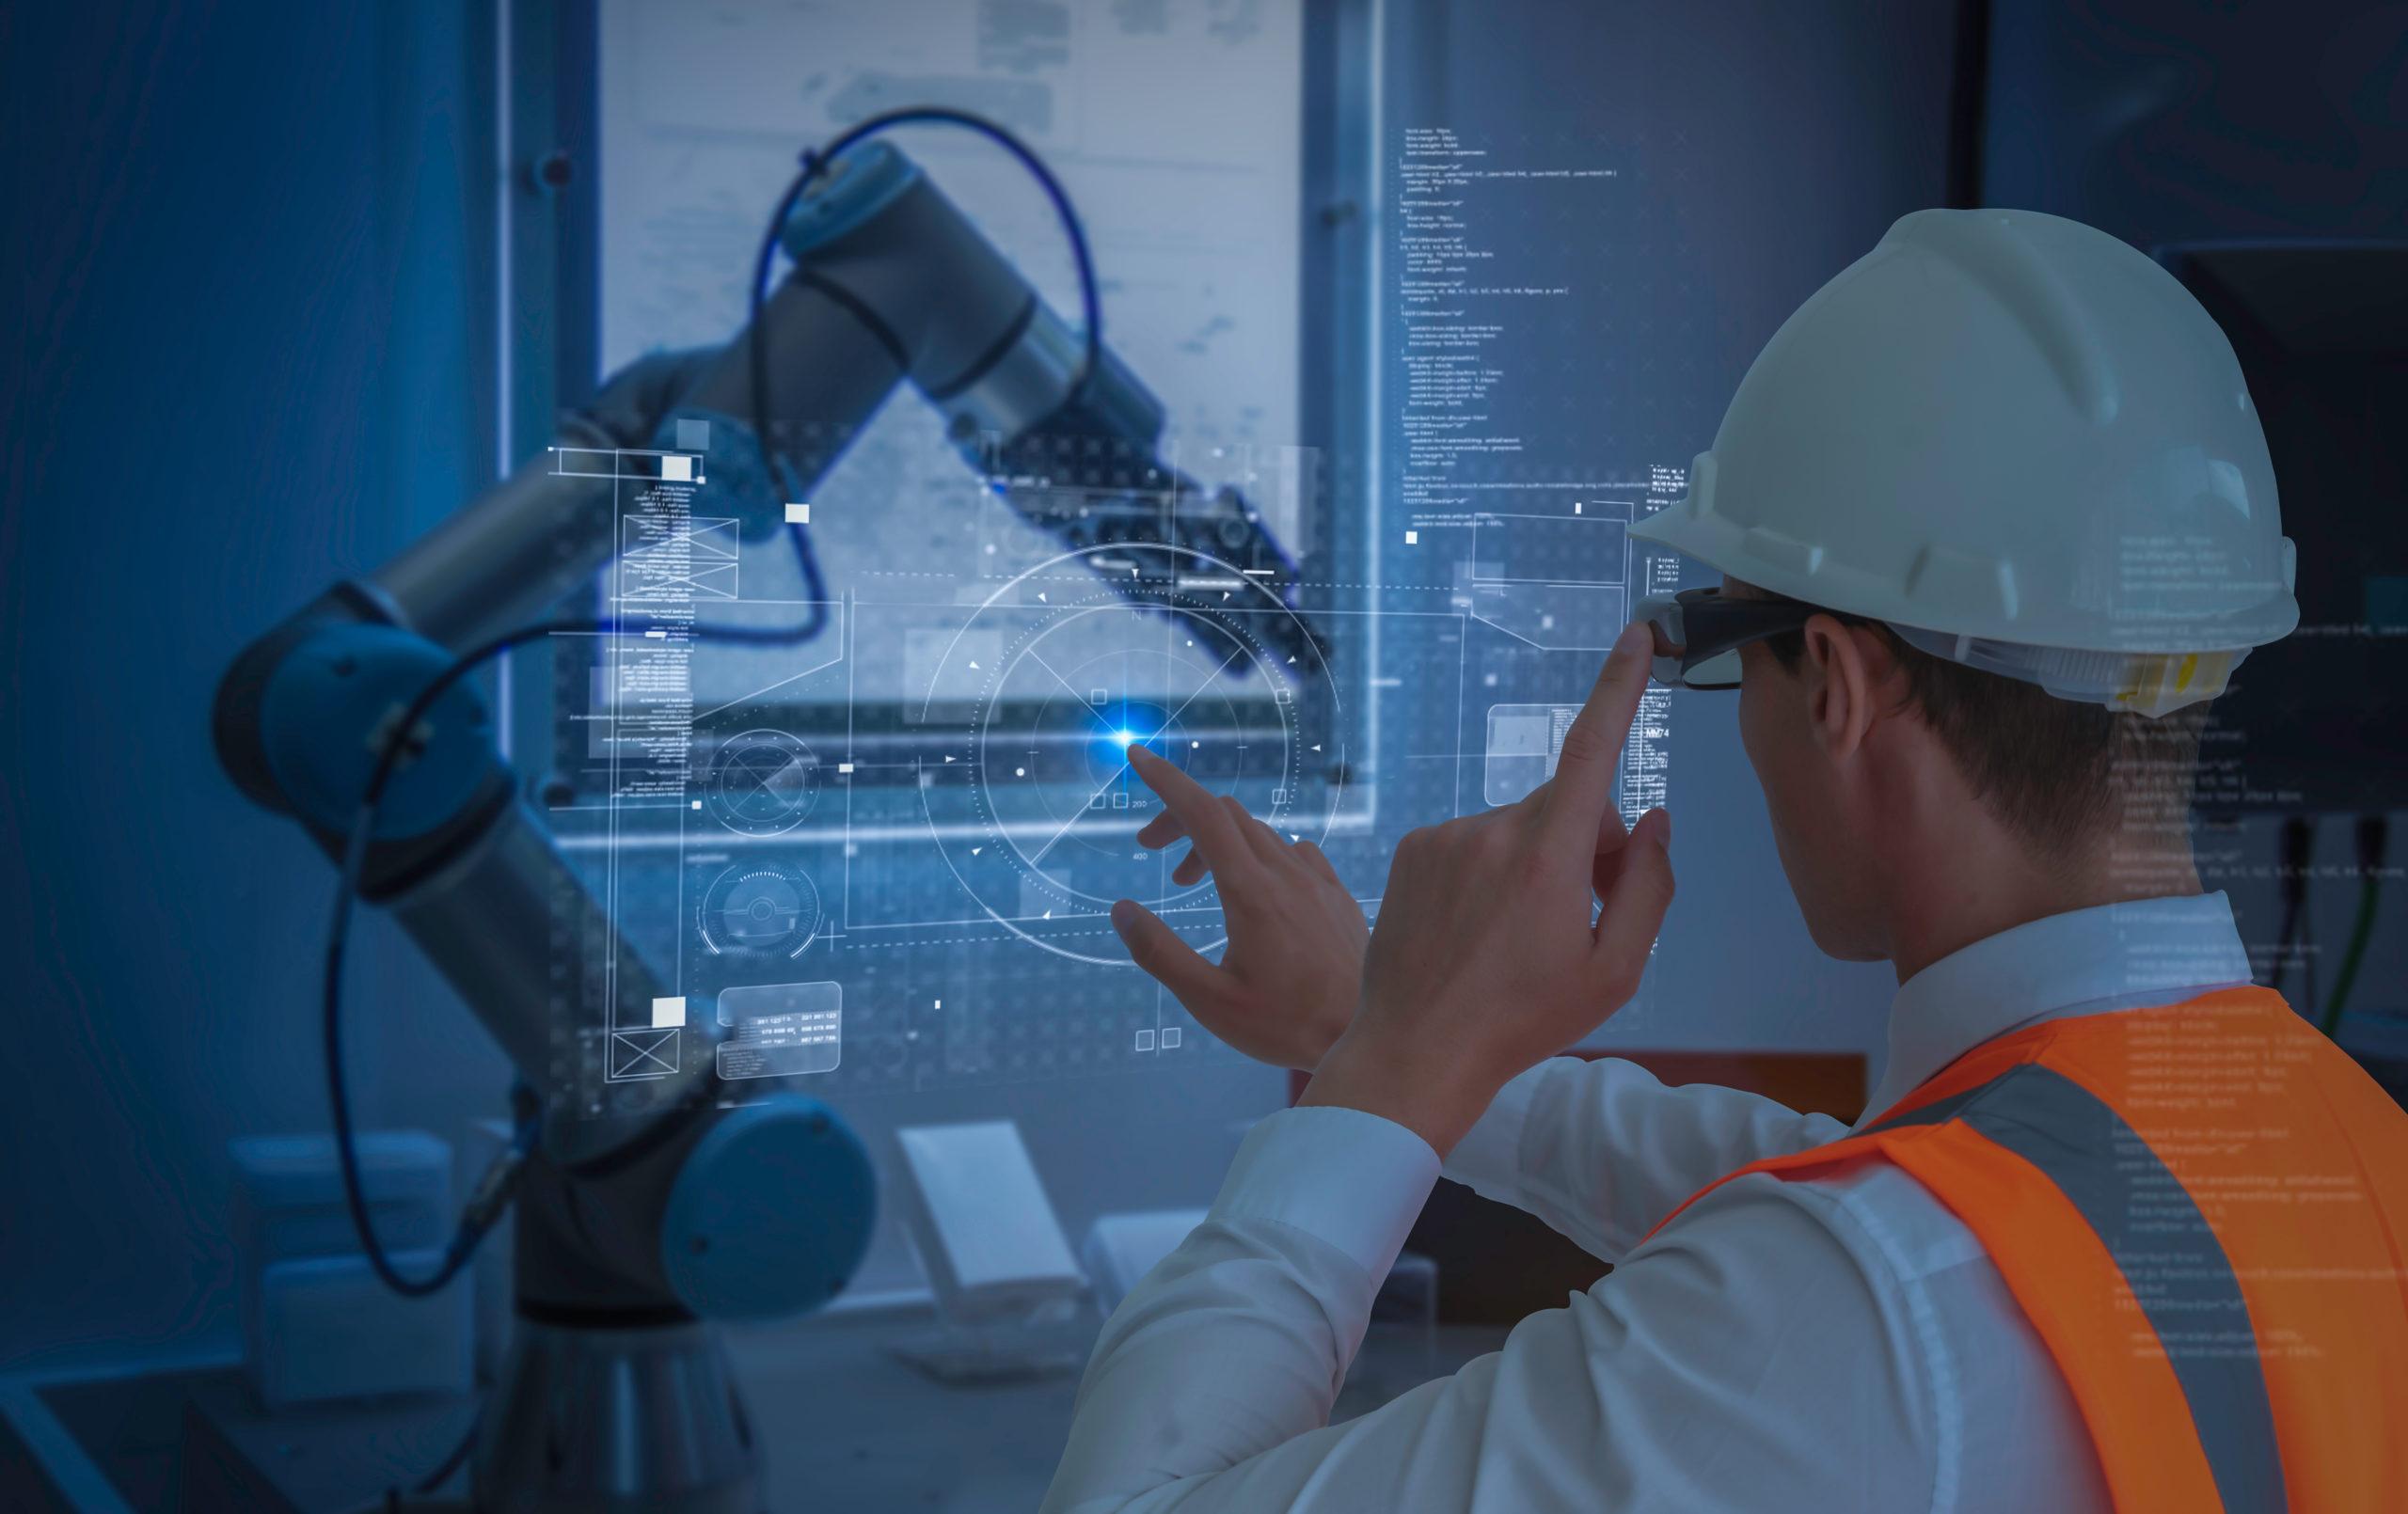 【製造業×AR】ARグラスを活用した製造業支援サービス!現場支援サービスの紹介から導入・活用事例まで